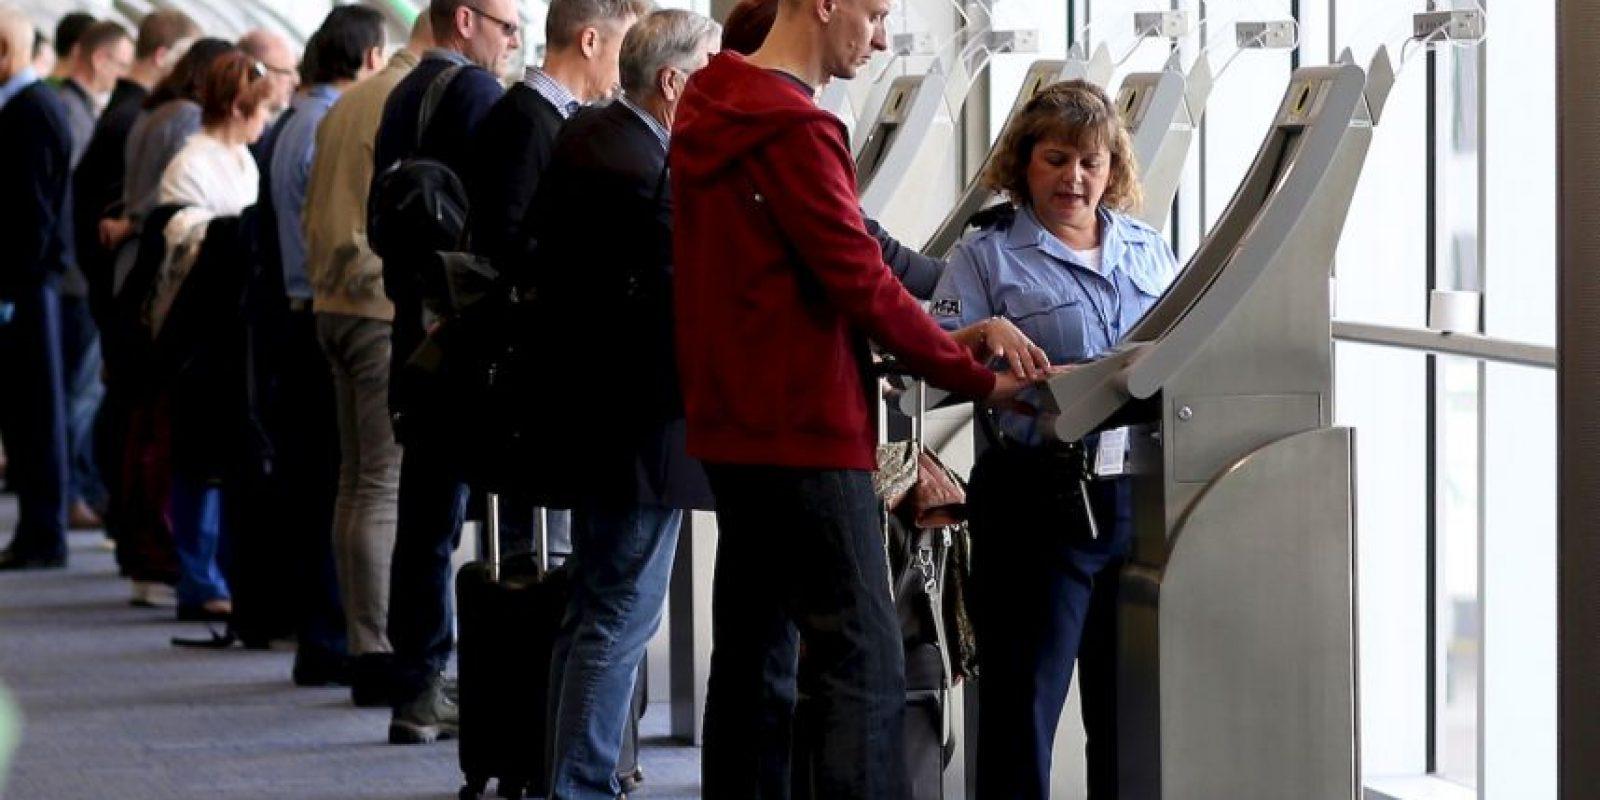 6. Alguien que causó controversia por renunciar a su ciudadanía fue Eduardo Saverin, el cofundador de Facebook. Foto:Getty Images